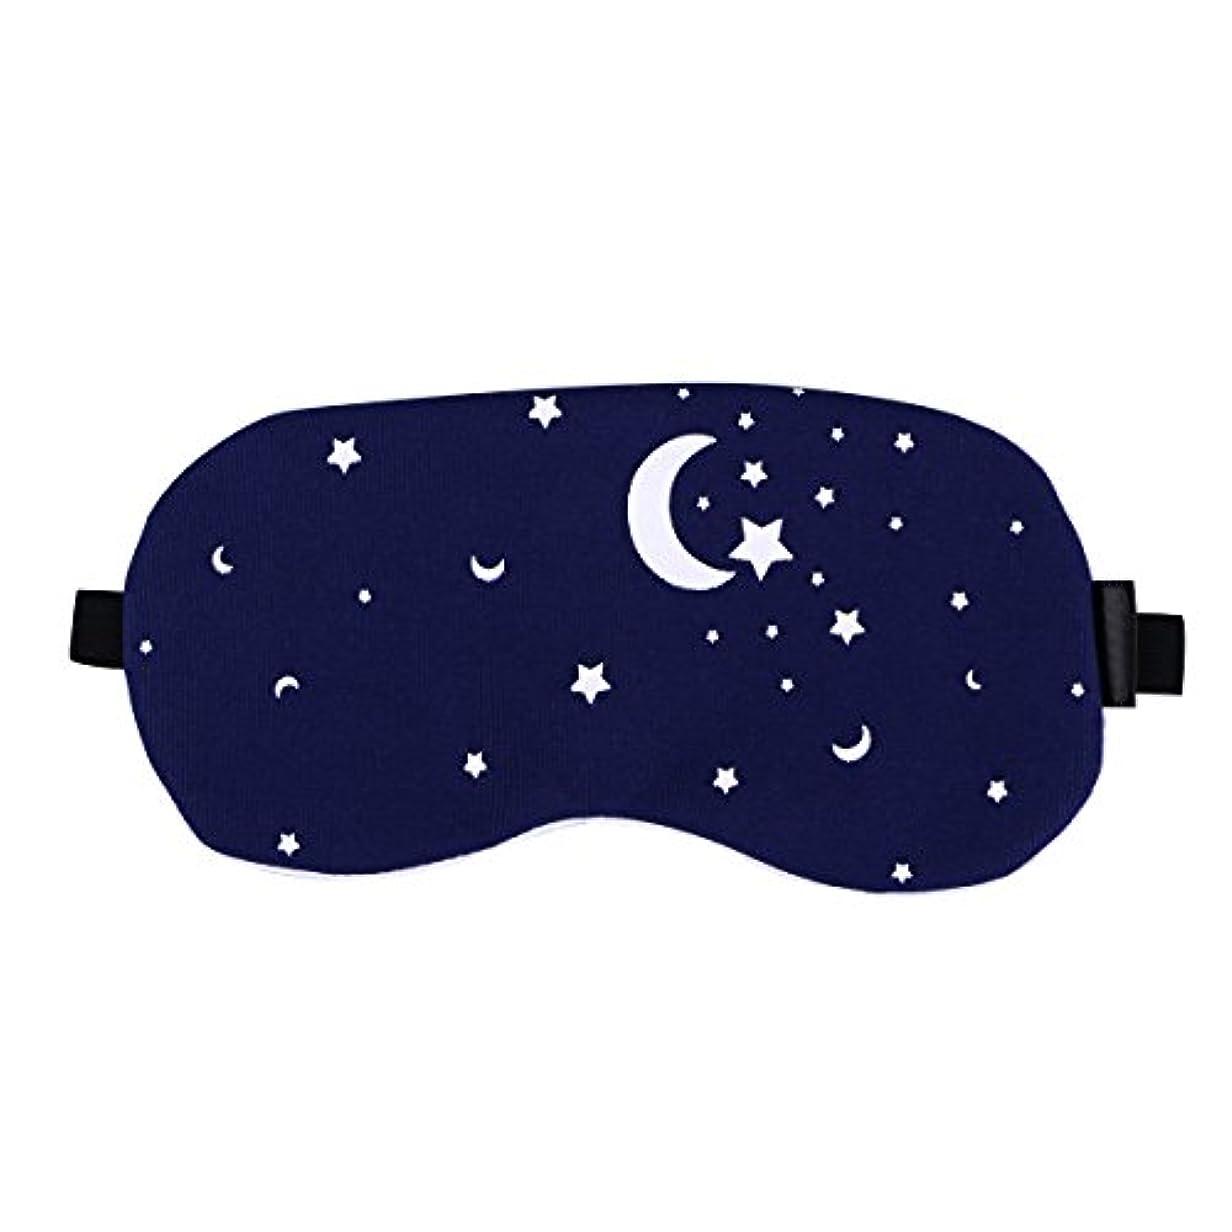 難破船泥棒存在Healifty 男性と女性のための夜の眠りの目のマスクの綿とリネンの睡眠の盲目の睡眠のマスクのアイカバー調節可能なアイシェード(星空)